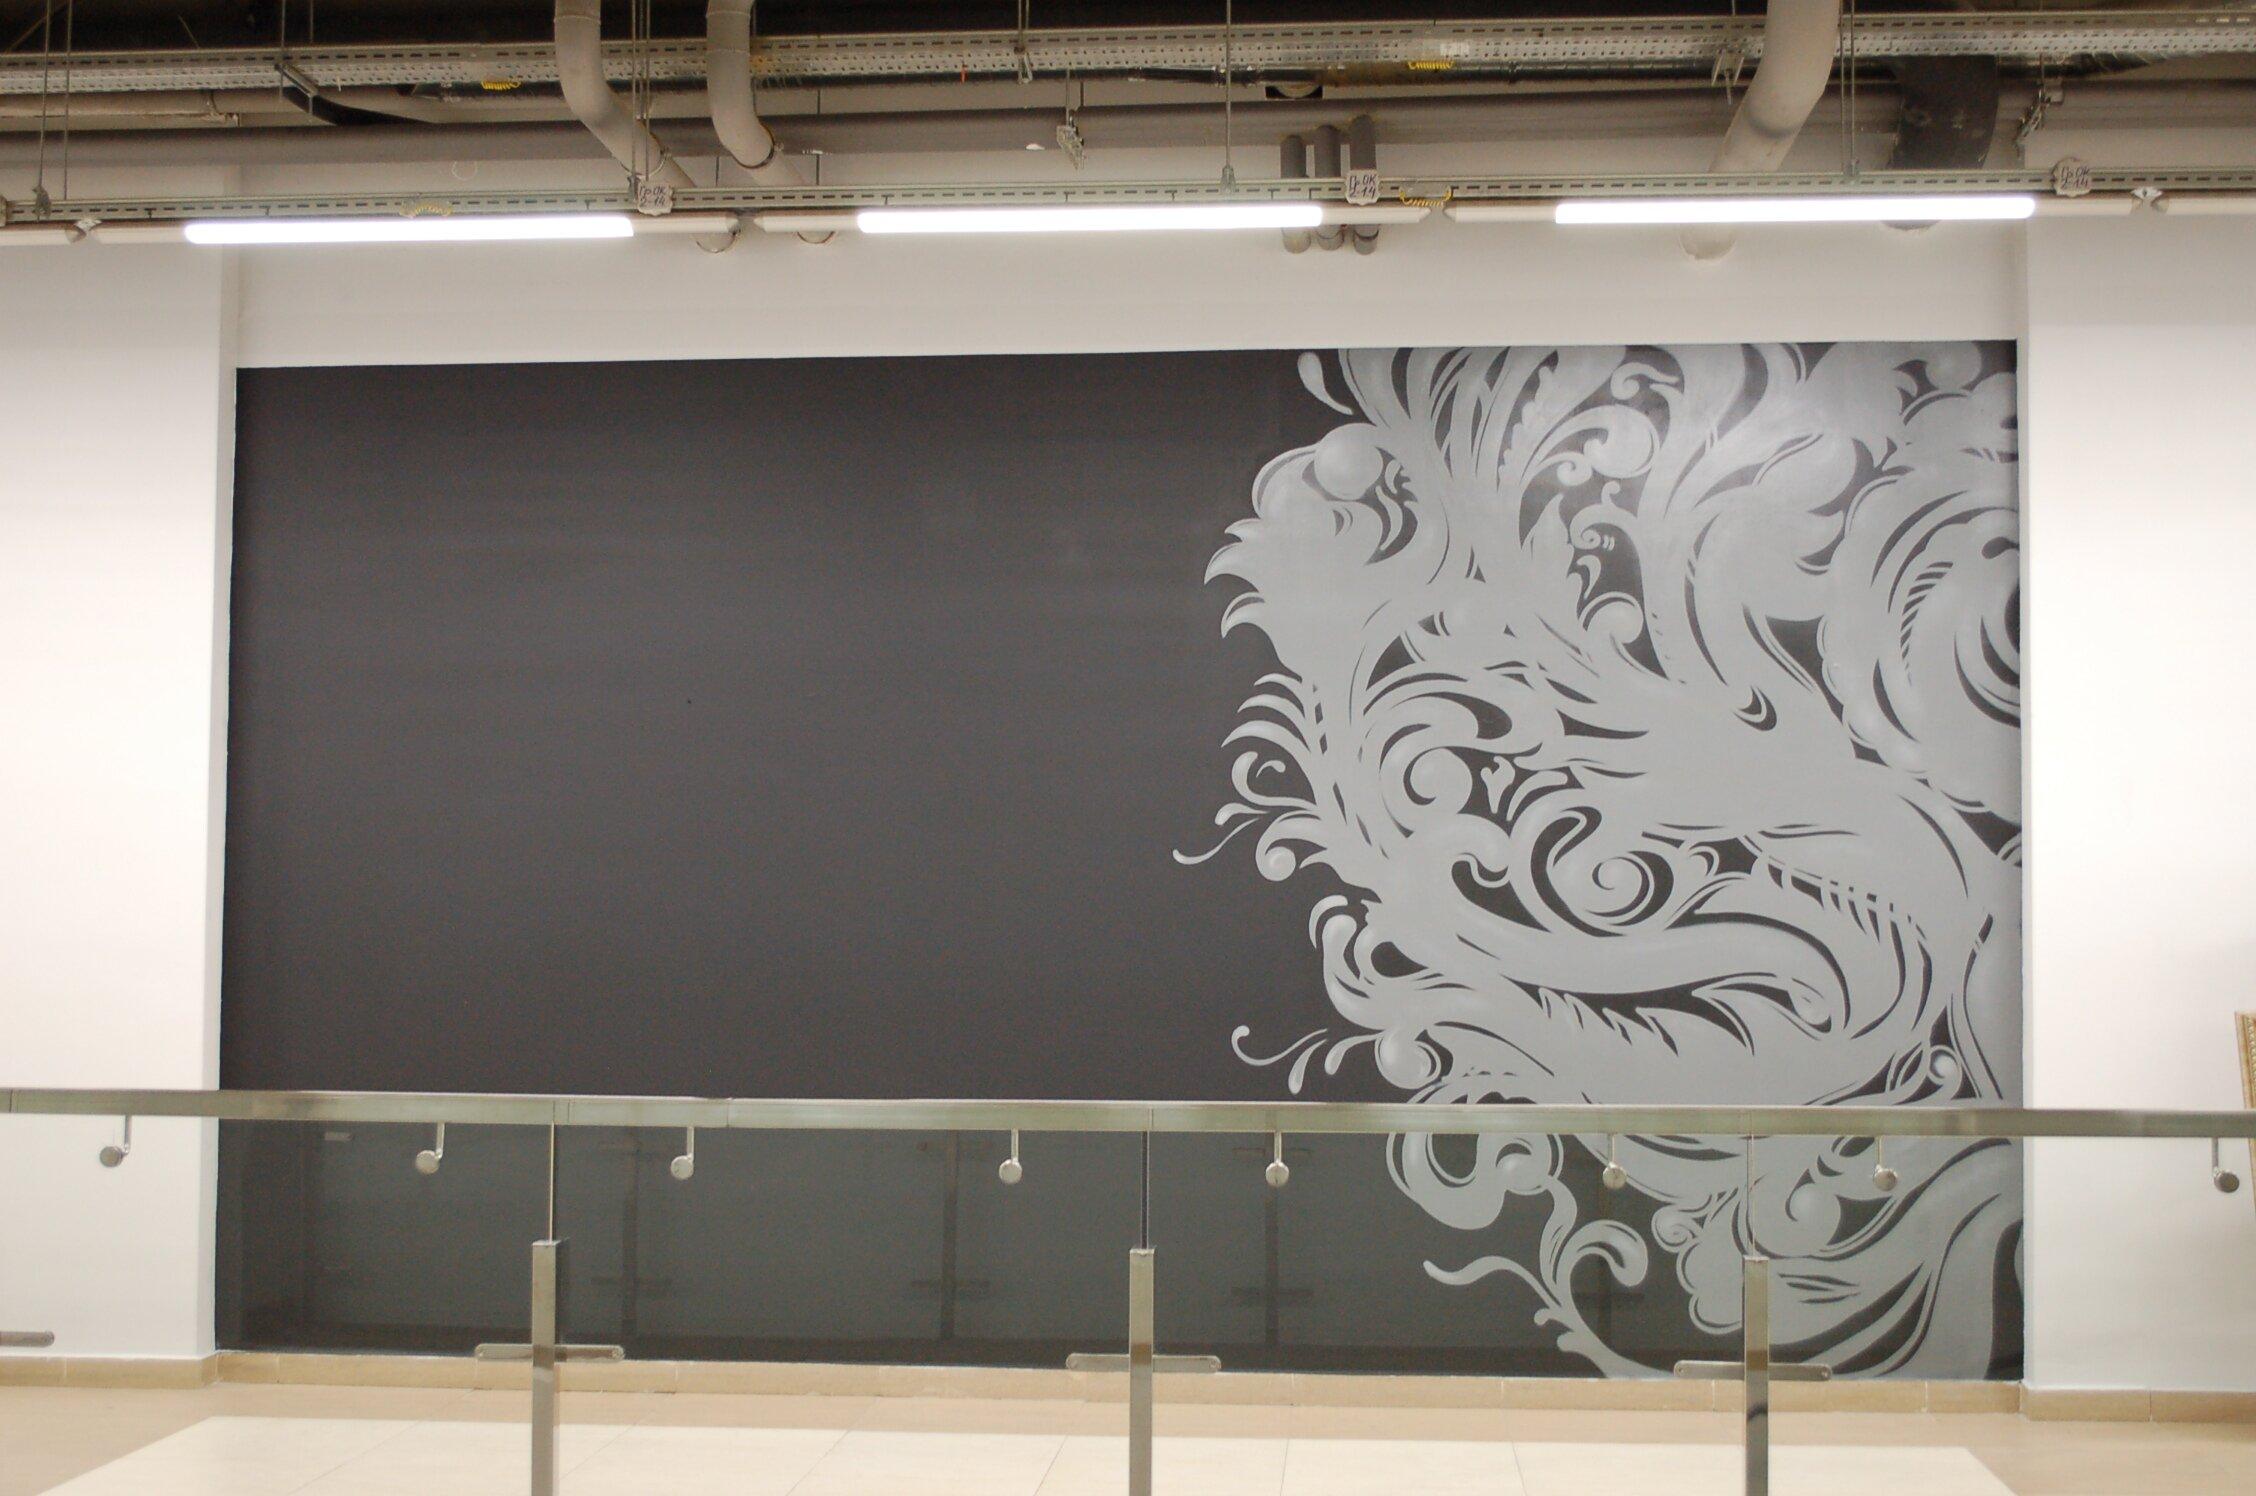 Сколько стоит роспись в москве